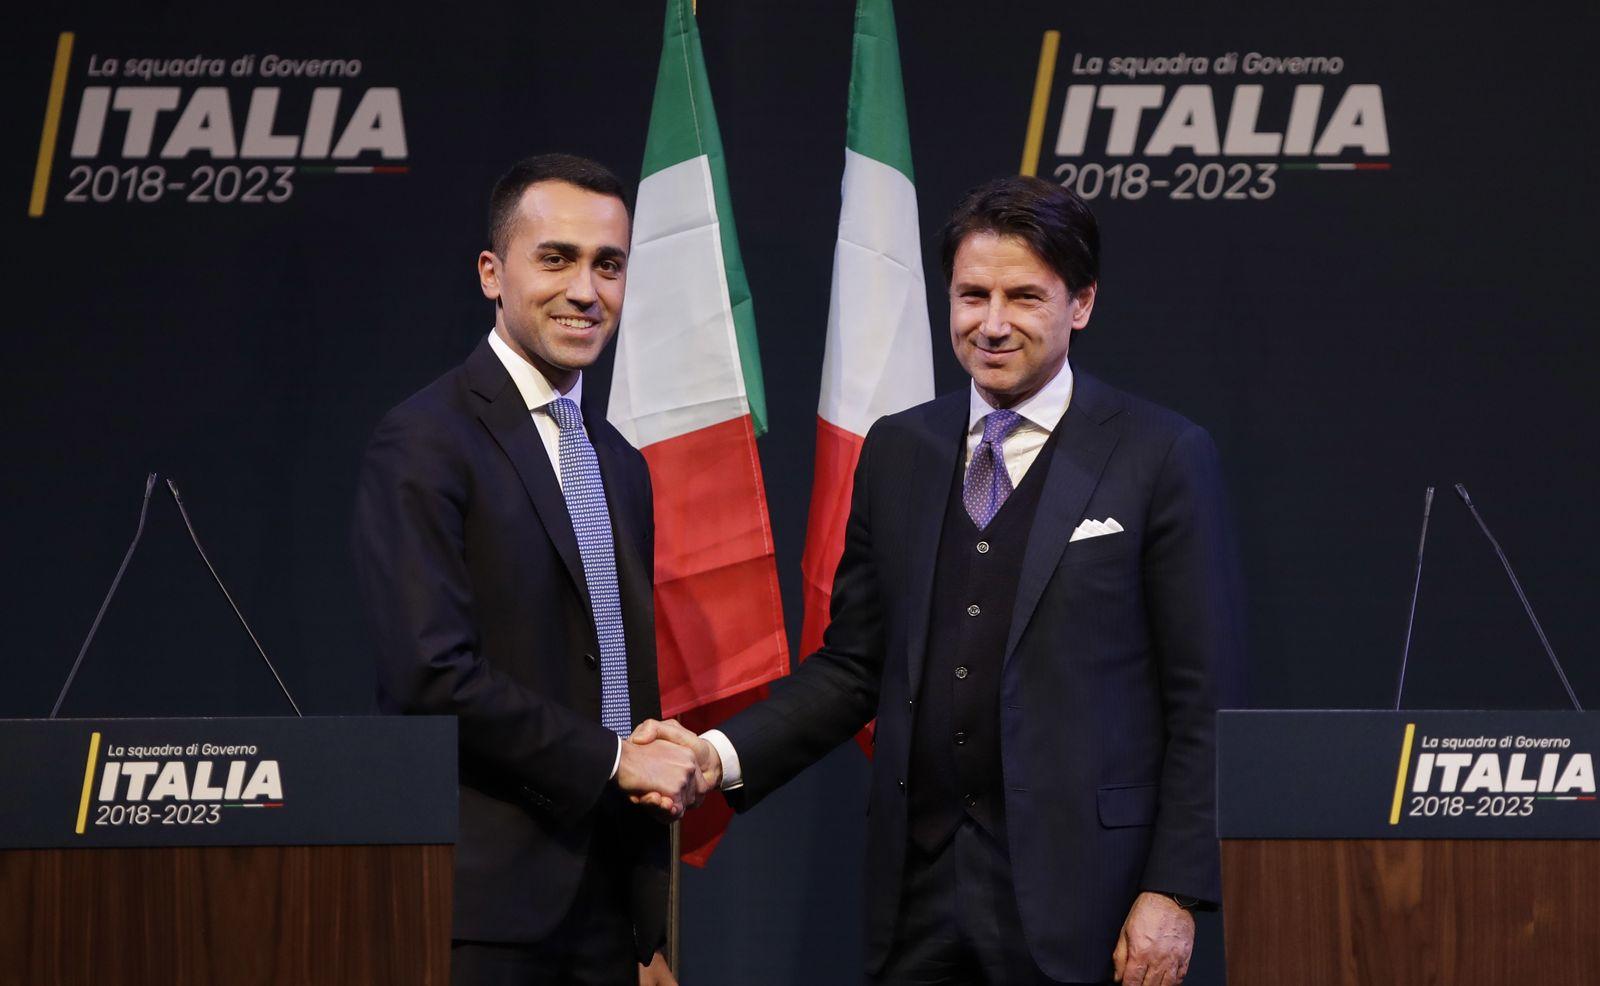 Italien/ Luigi Di Maio/ Giuseppe Conte